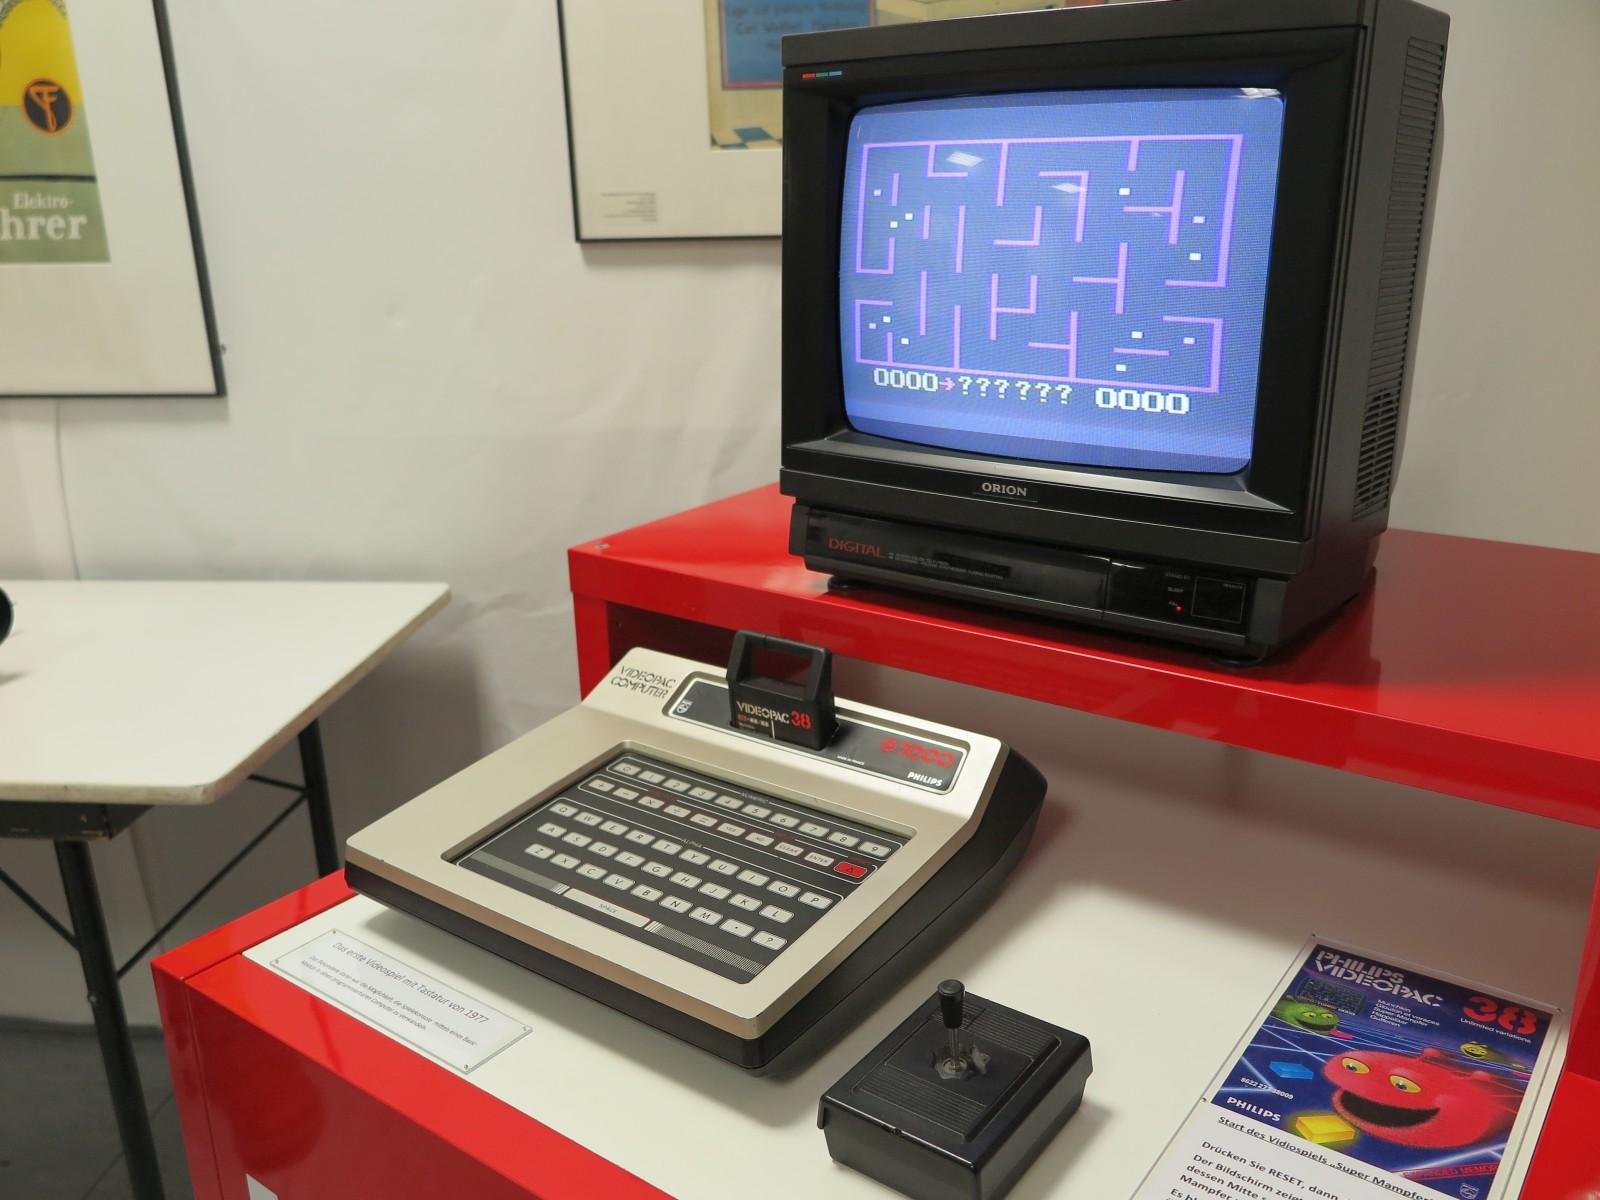 Philips G 7000